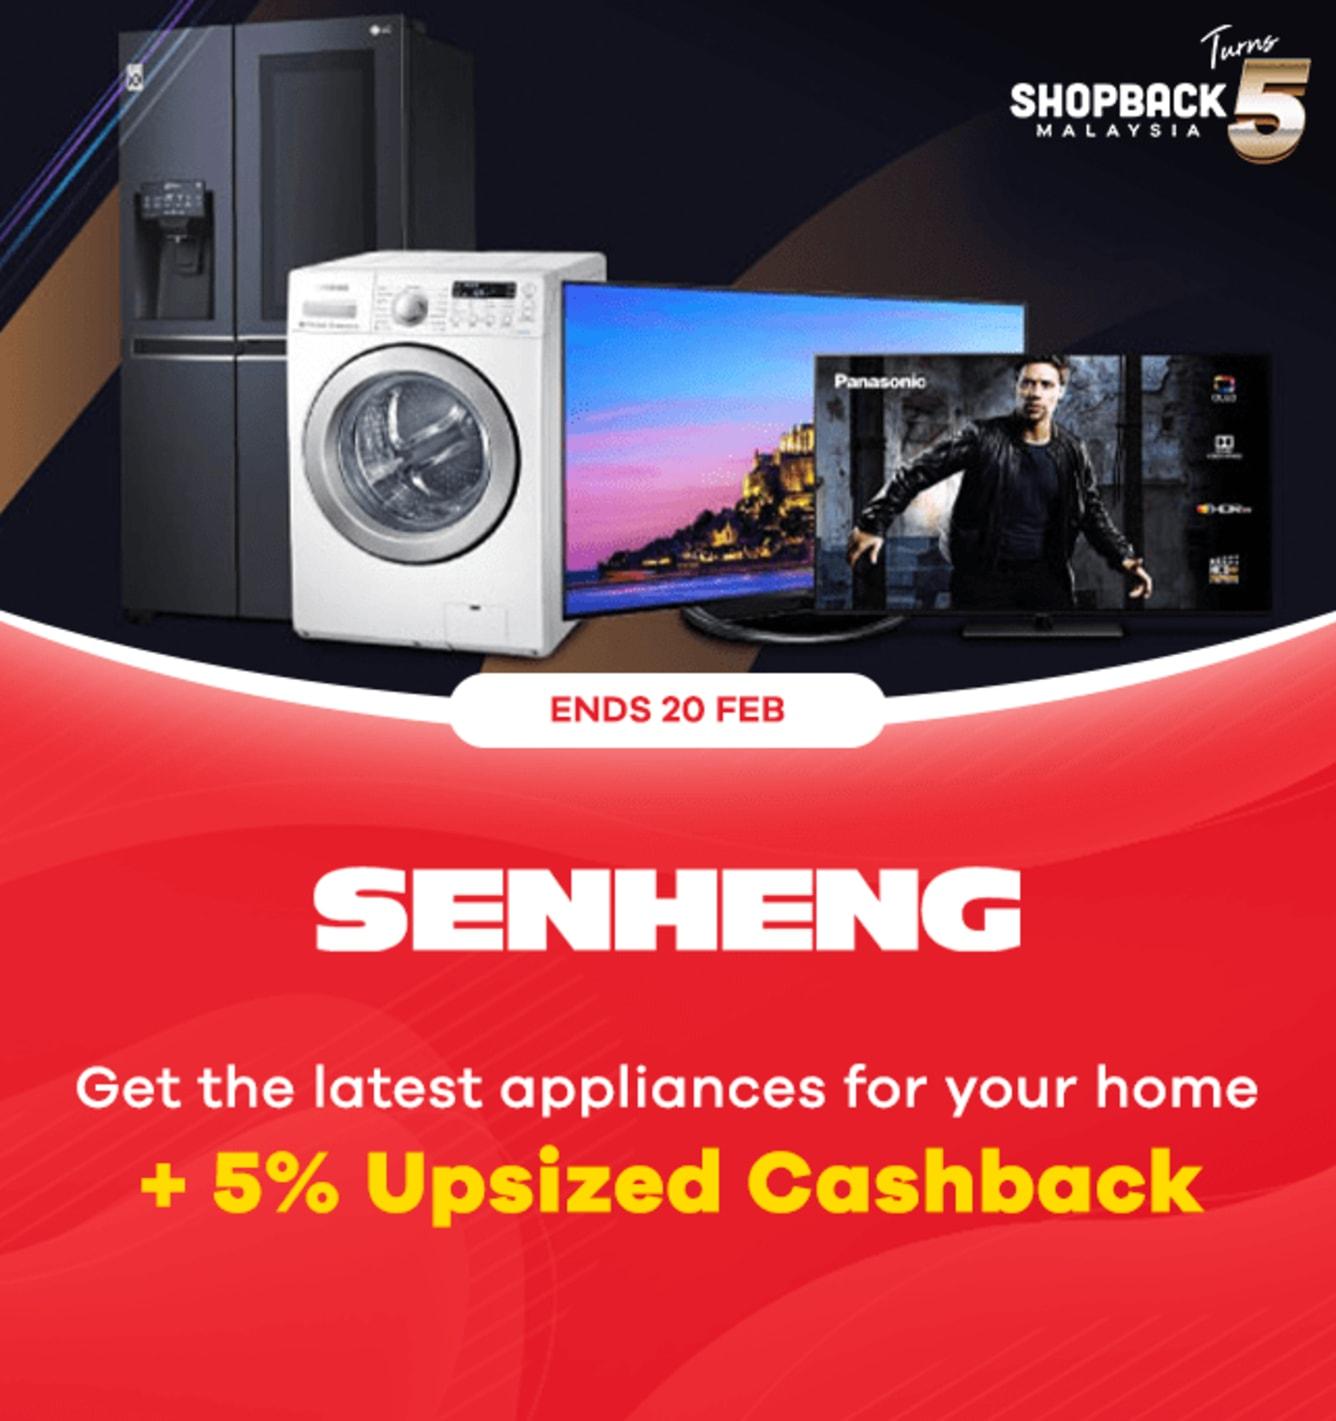 Senheng 5% Upsized Cashback